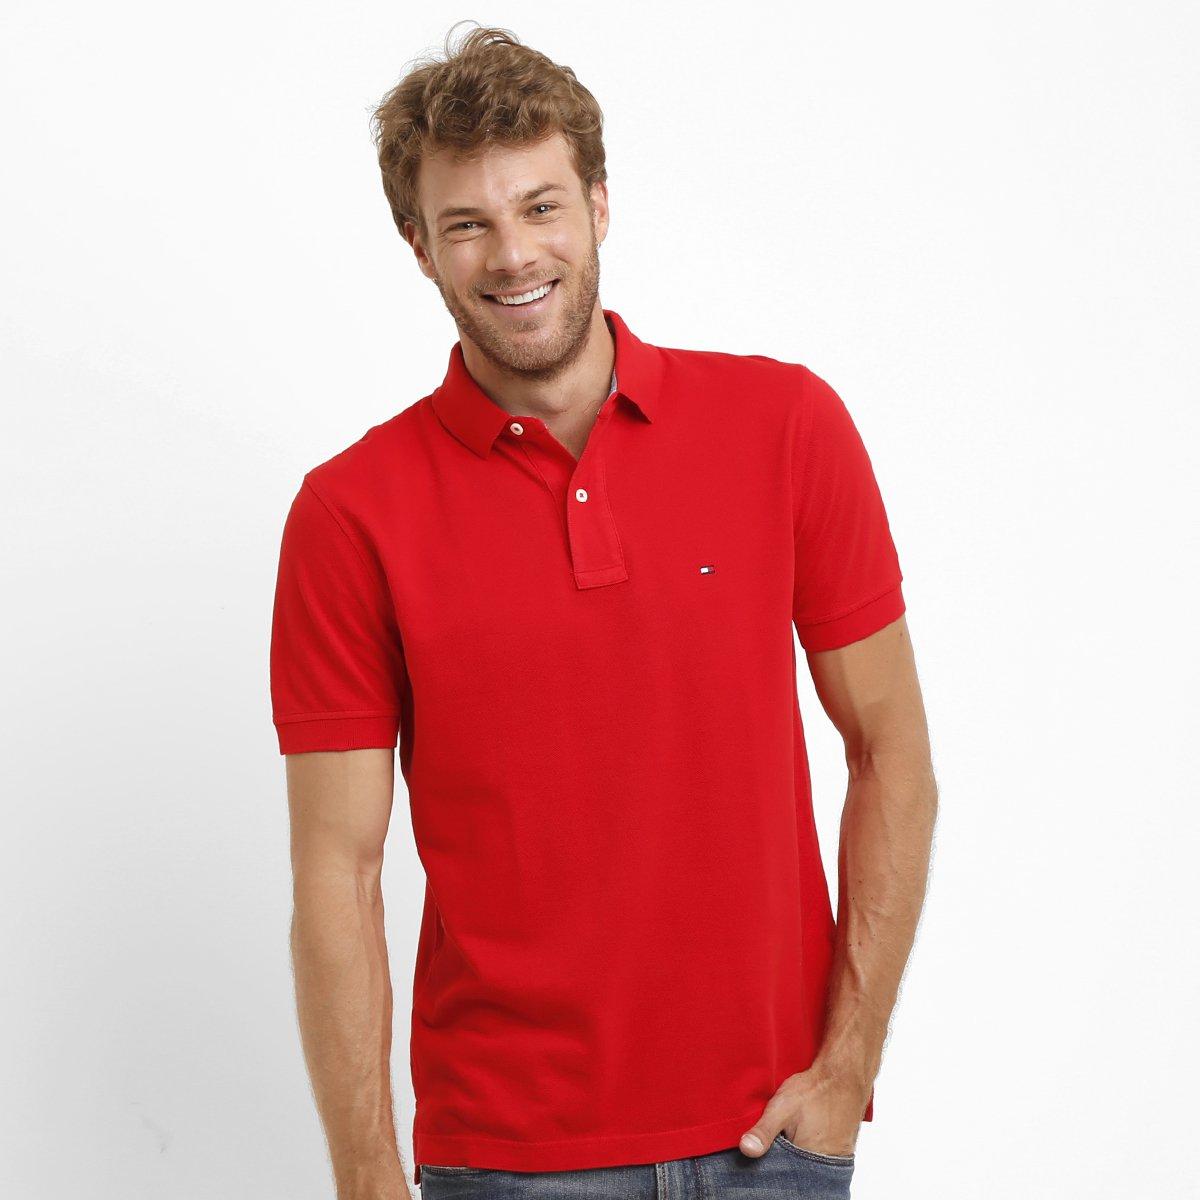 Camisa Polo Tommy Hilfiger Piquet Regular - Compre Agora  50e5b6c03dd71